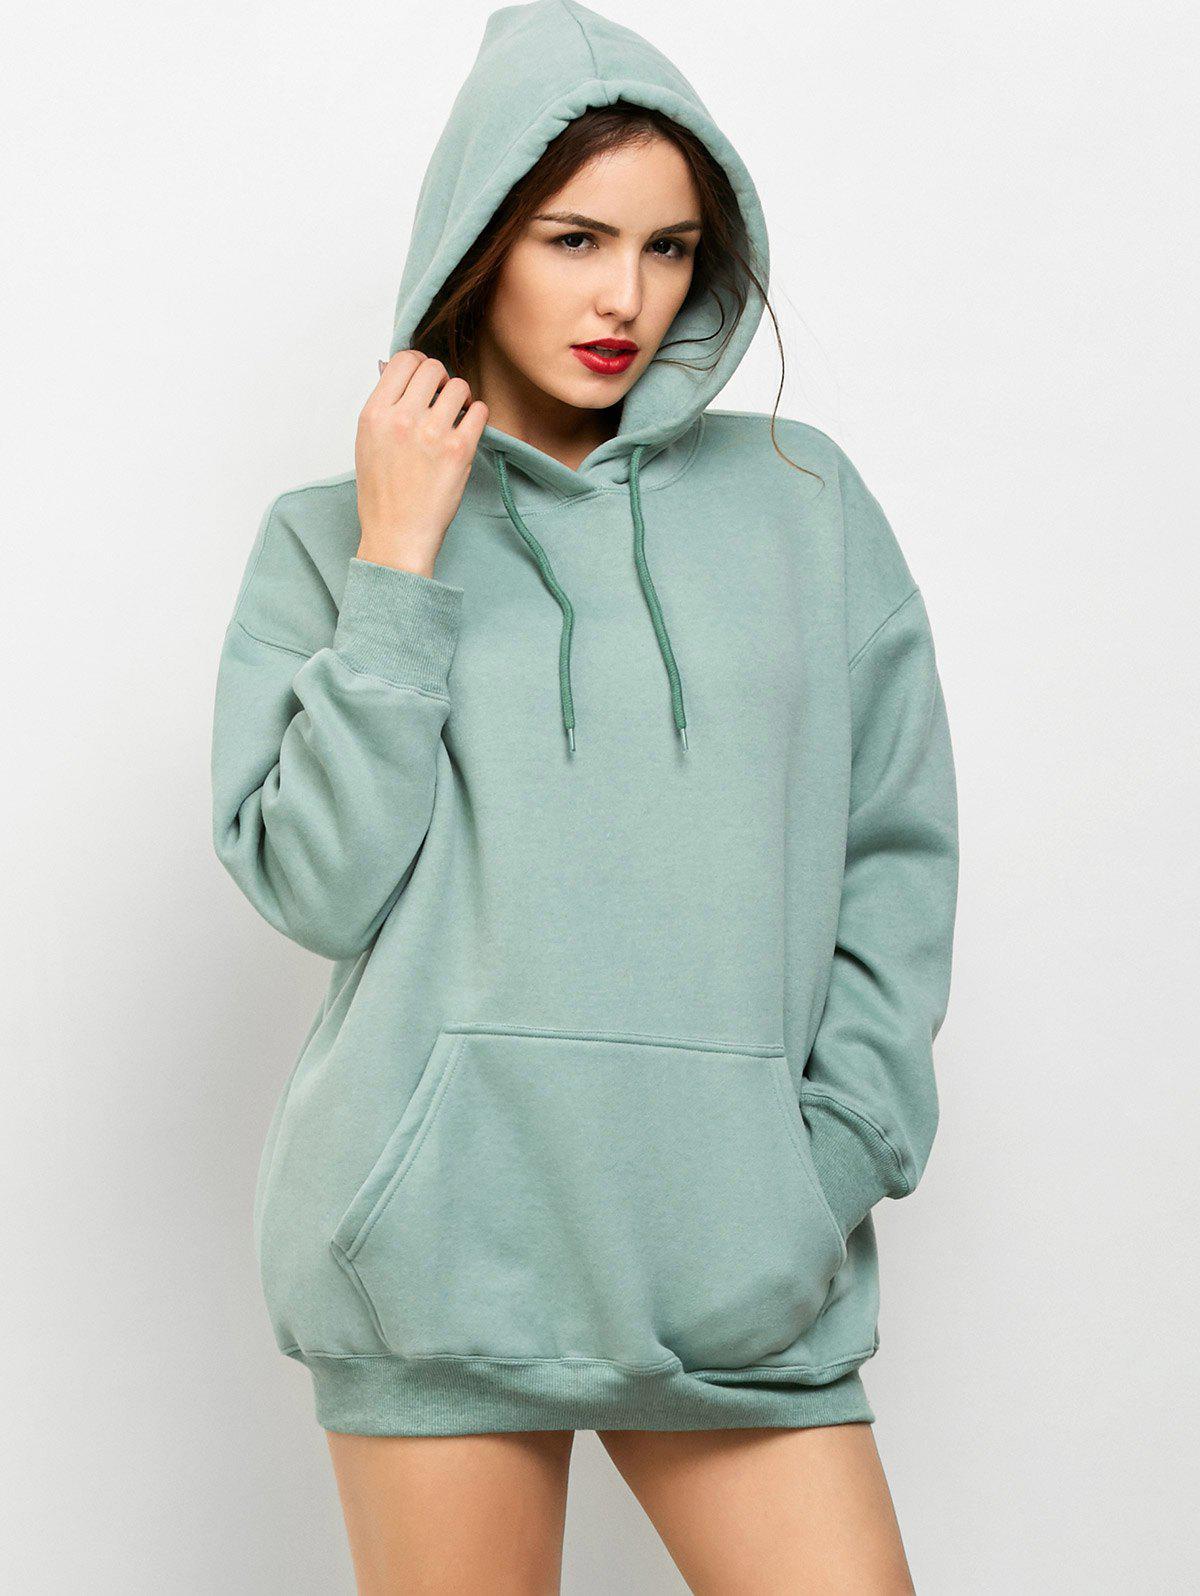 Kangaroo Pocket Fleece Lined Hoodie